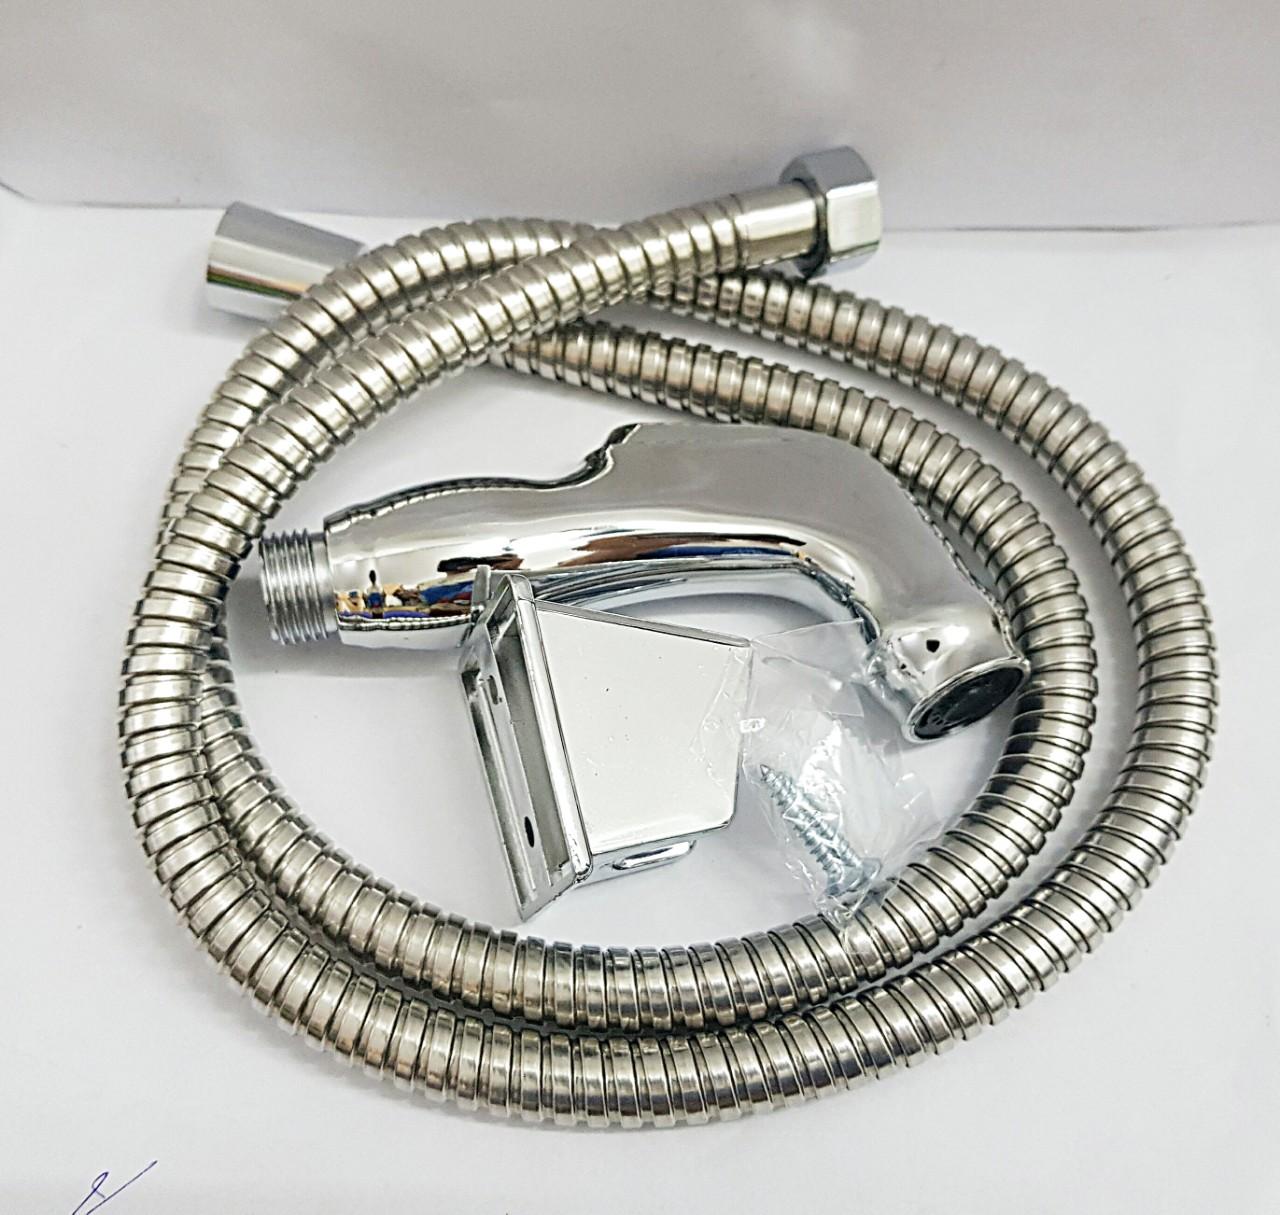 [HCM]Bộ vòi xịt vệ sinh toilet áp lực mạnh mang đến sự sang trọng và đẳng cấp cho phòng tắm vệ sinh